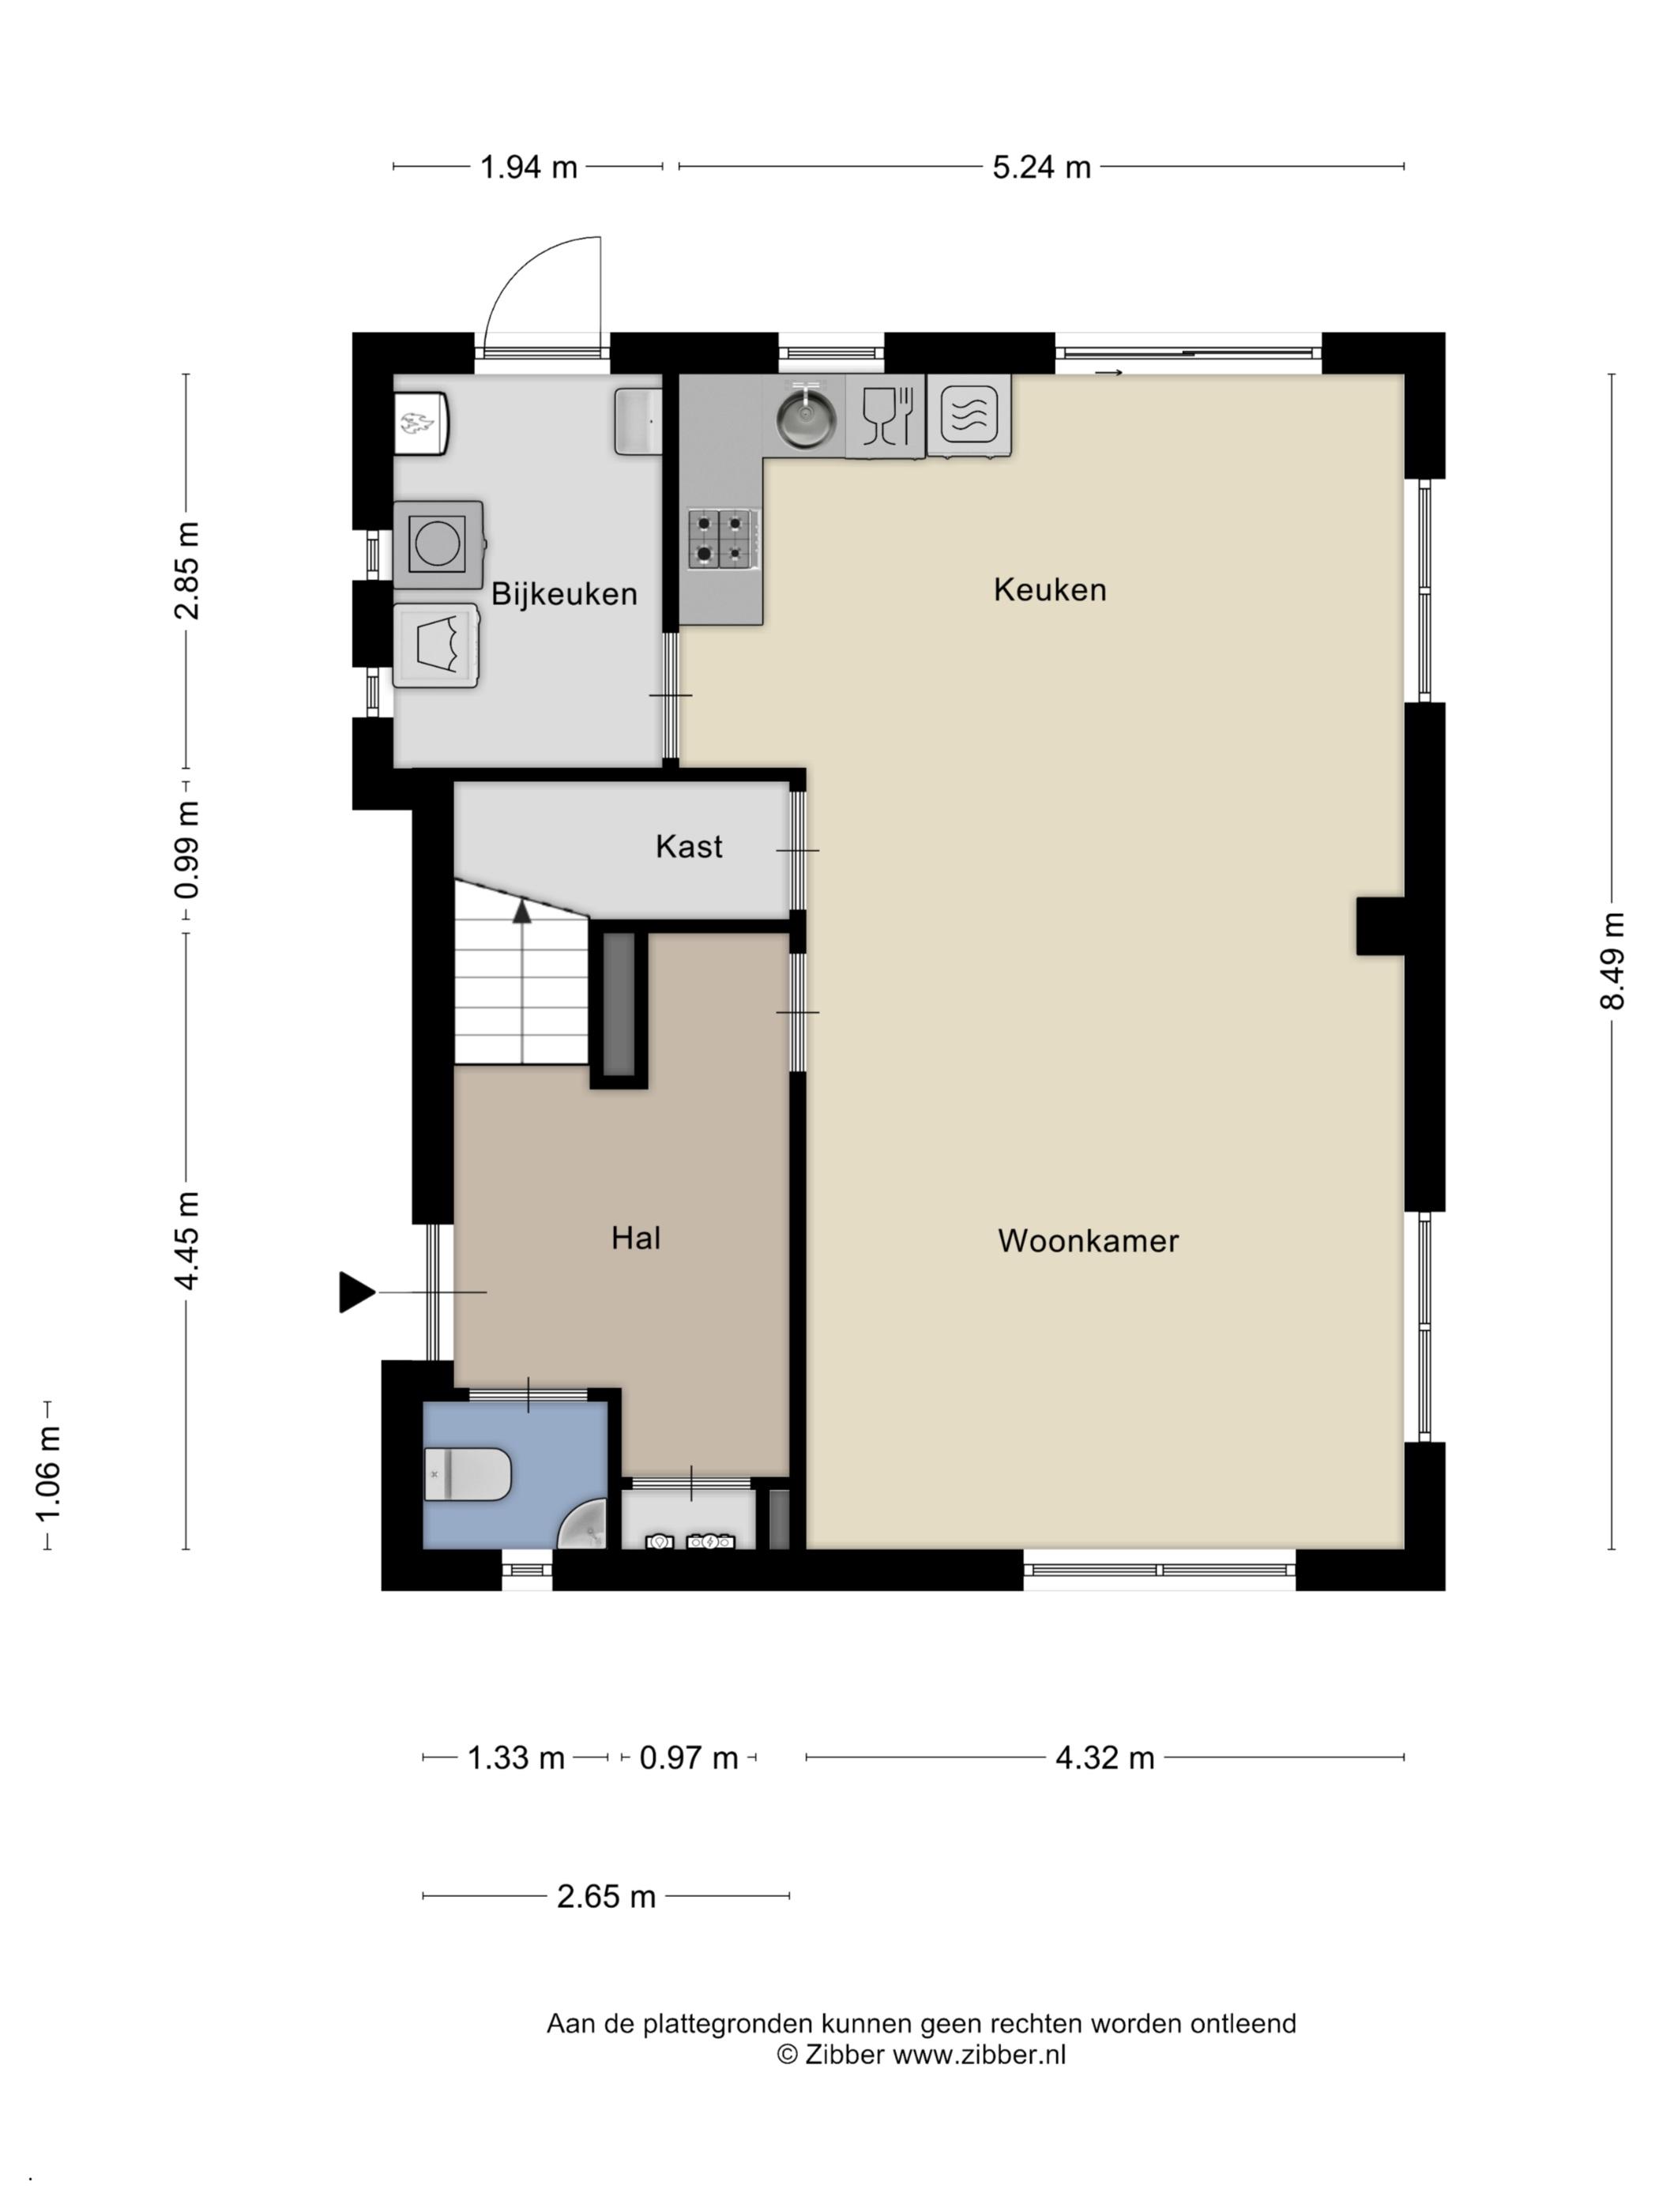 5 nordhorn hausnummer Hausnummer Oval